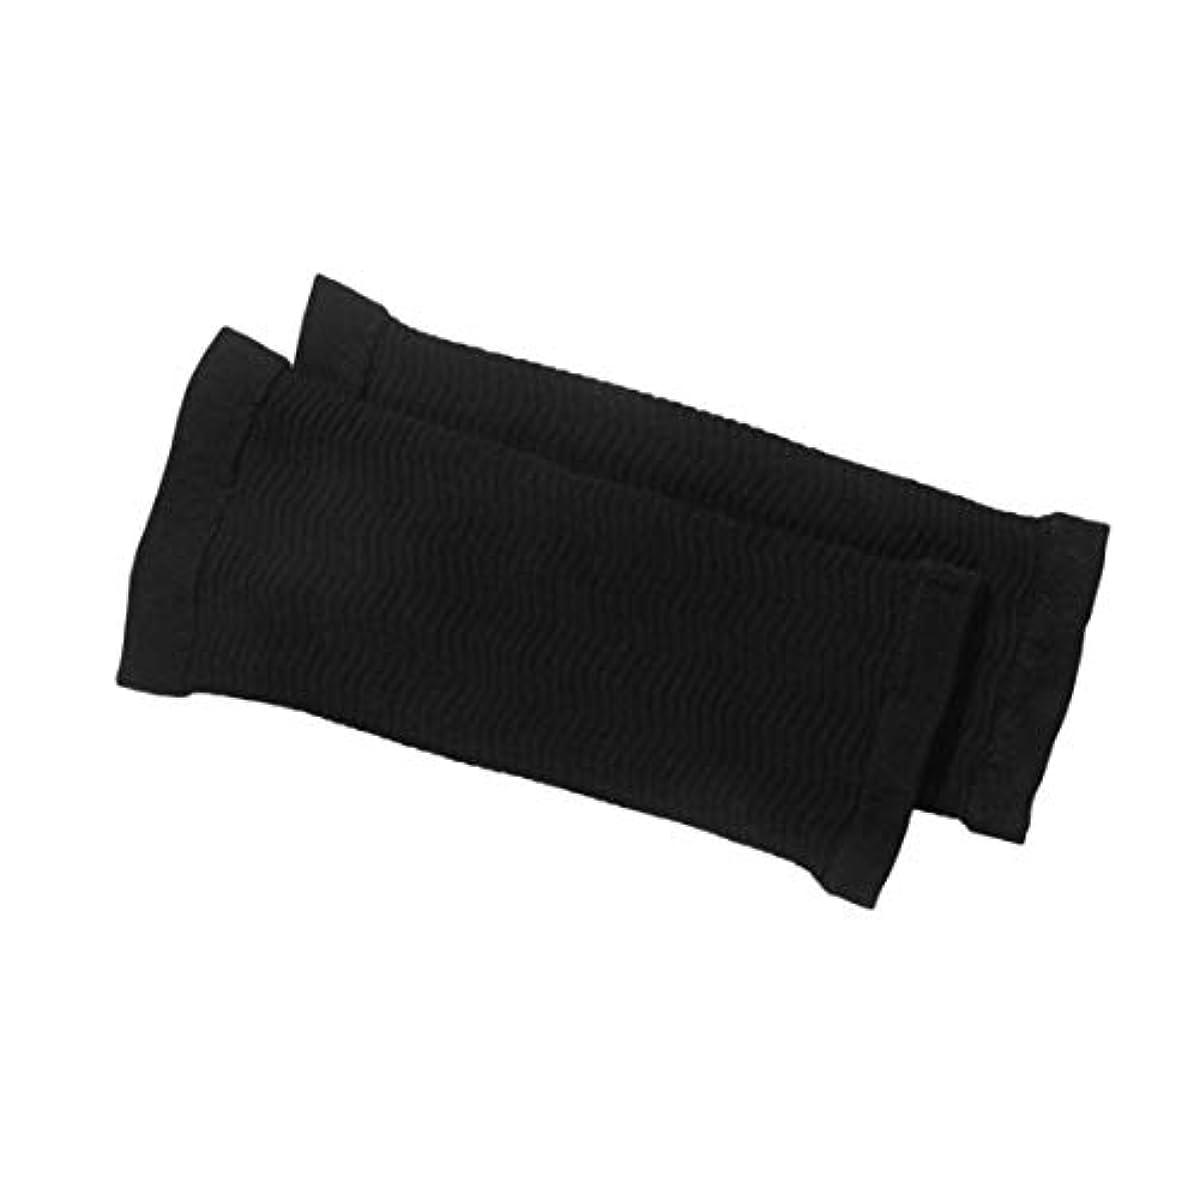 絶滅した影響する簡略化する1ペア420 D圧縮痩身アームスリーブワークアウトトーニングバーンセルライトシェイパー脂肪燃焼袖用女性 - 黒